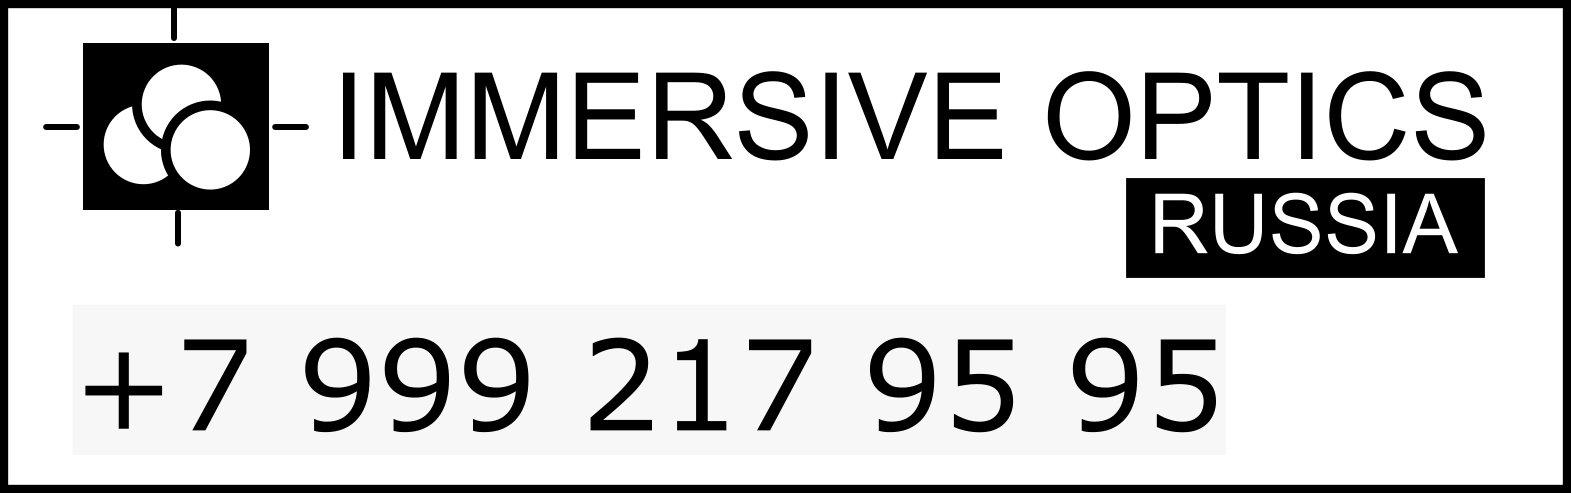 Immersive Optics Россия (эксклюзивный дистрибьютор)